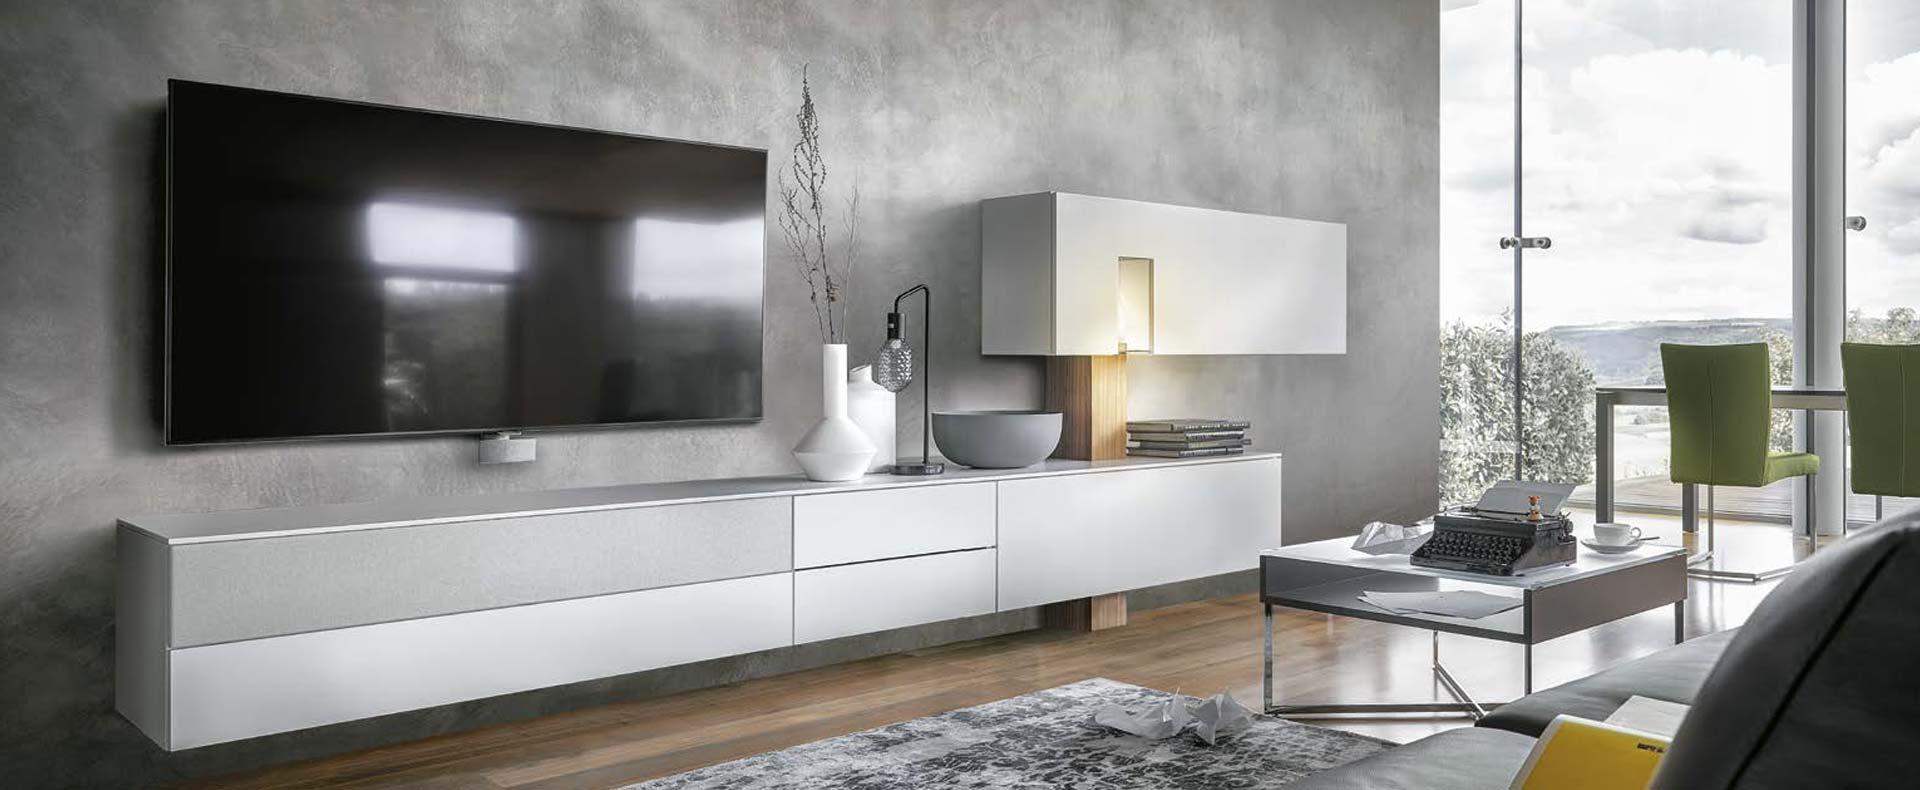 m bel klauth m bel und k chen in t nisvorst nahe im raum krefeld m nchengladbach kempen. Black Bedroom Furniture Sets. Home Design Ideas